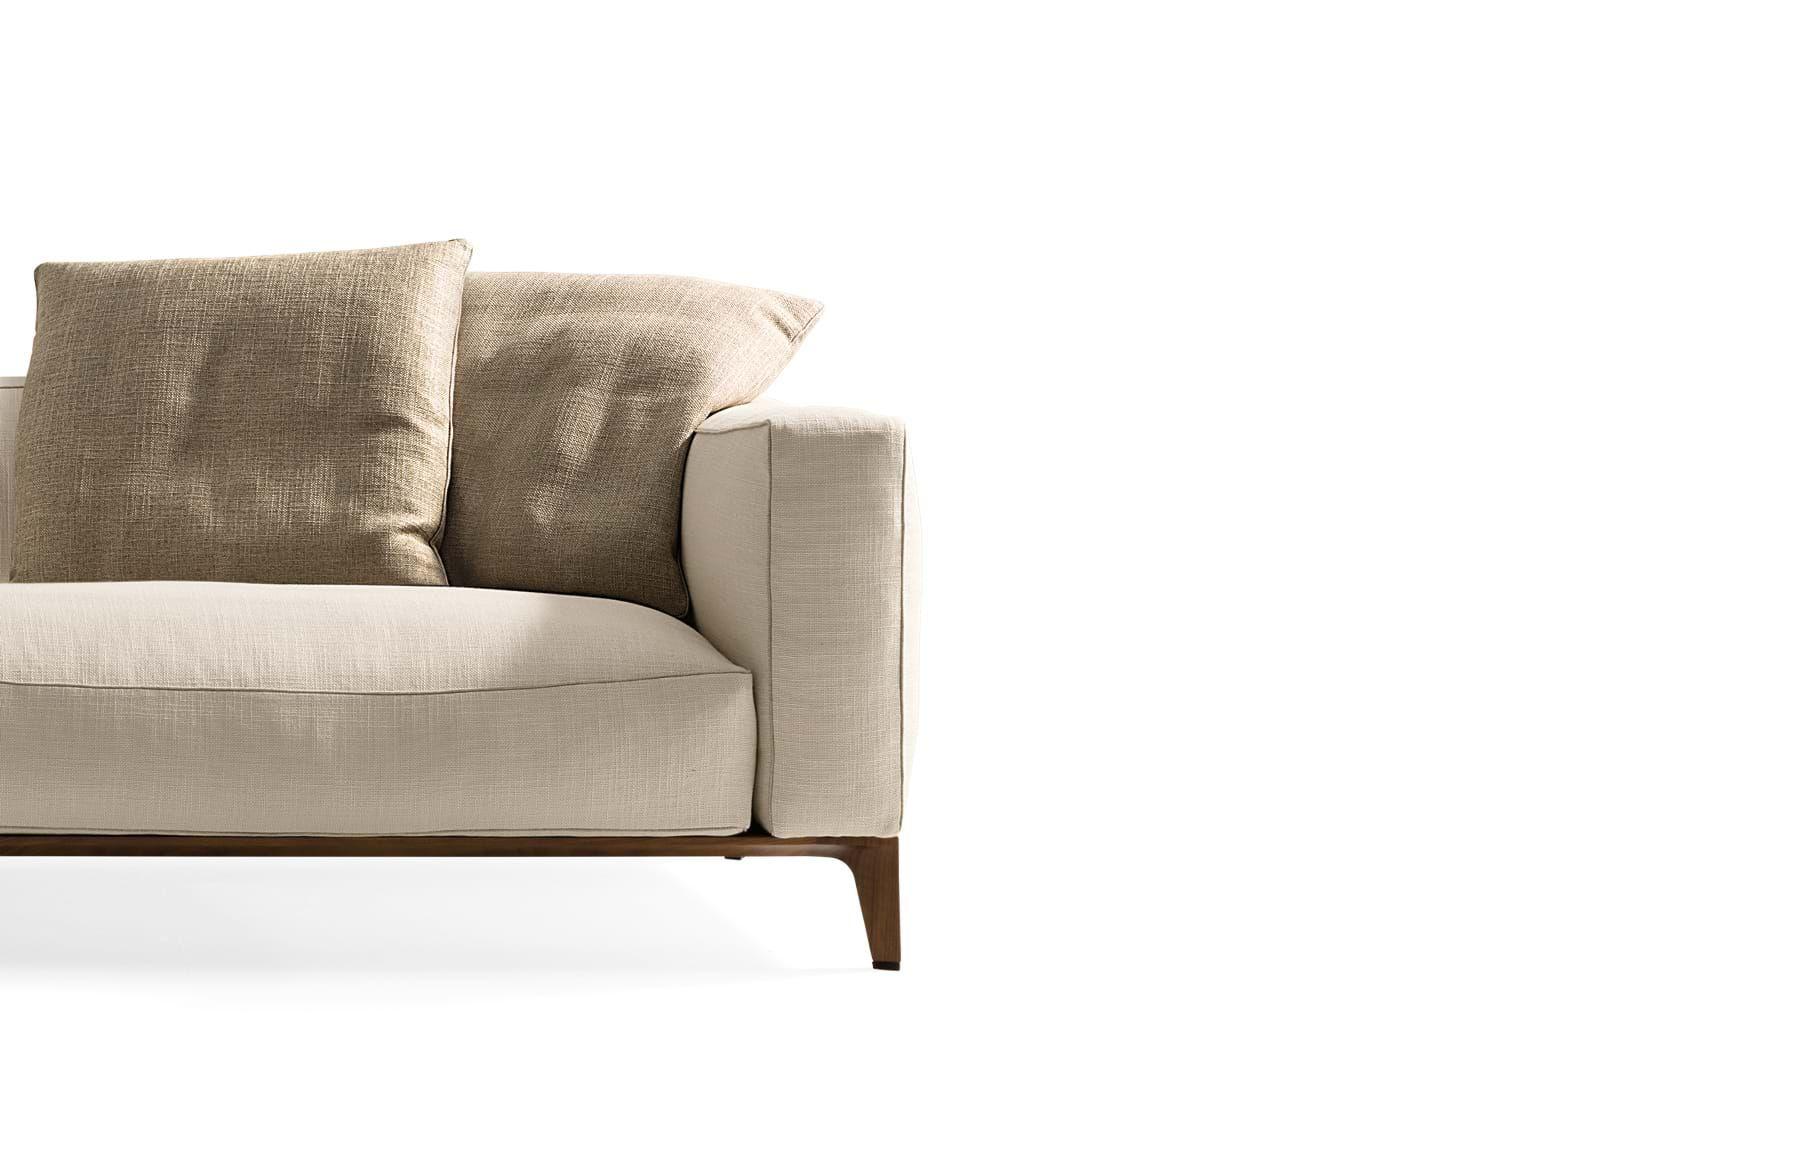 Aton Sofas in 2020 Modular sofa, Modular sofa design